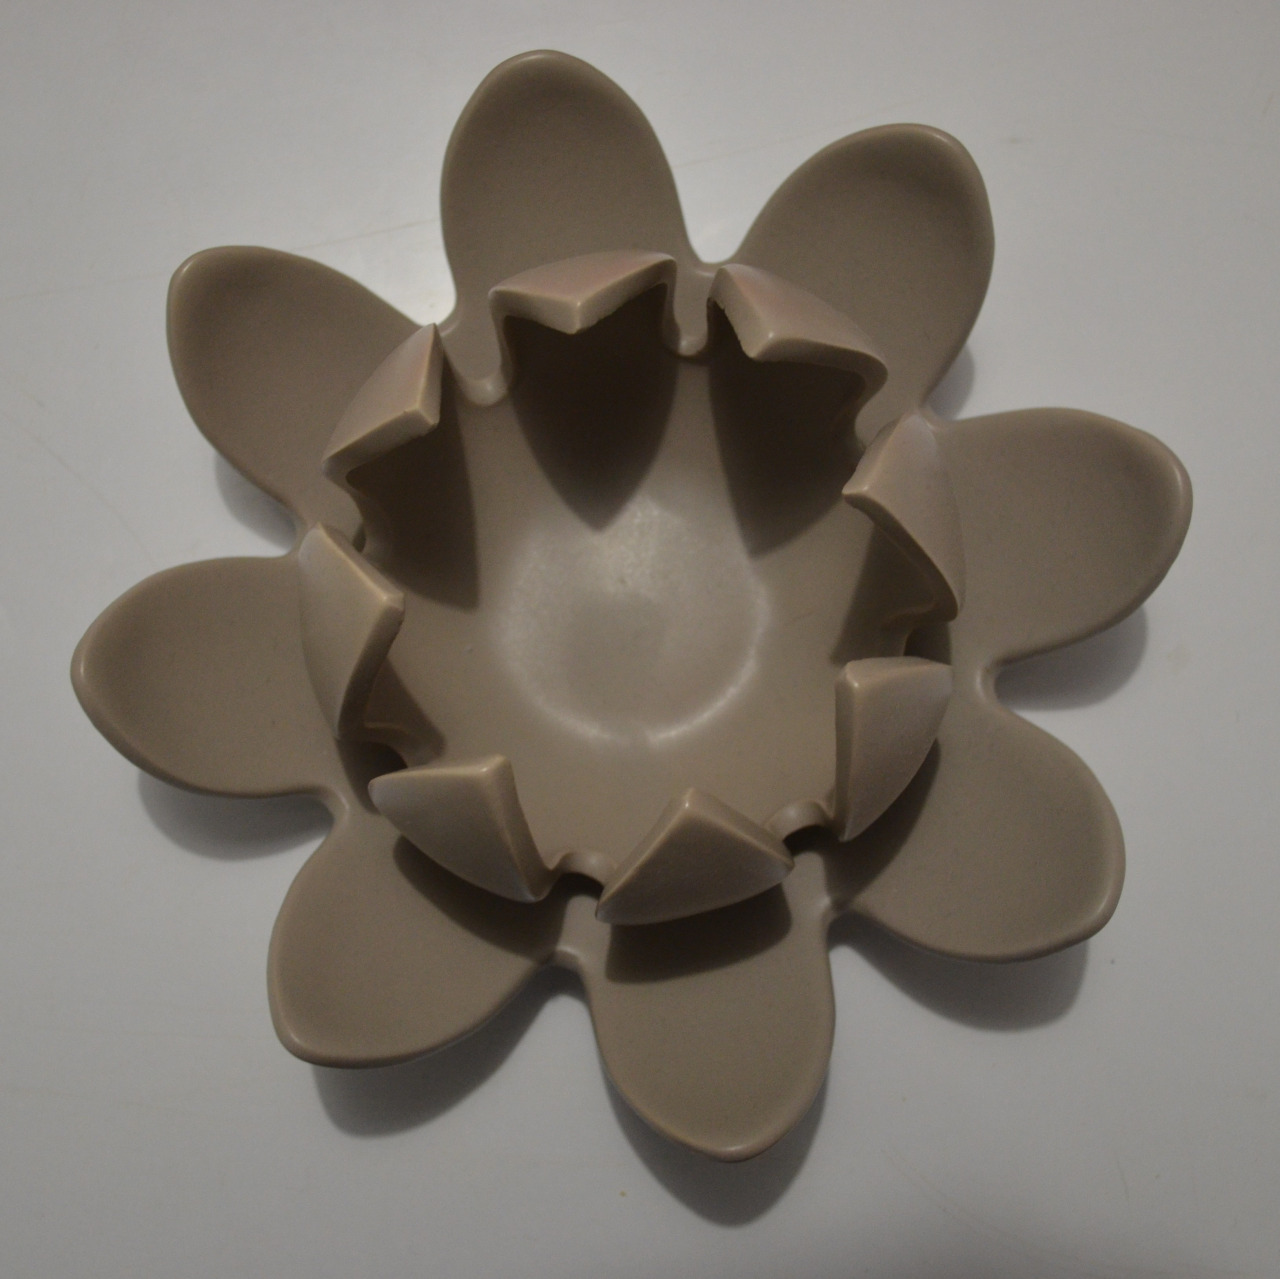 Photographie d'un photophore qui ressemble à une fleur. Les pétales de cette fleur sont distribués régulièrement en deux niveaux, sur chaque niveau il y a huit pétales equi-ditribuées.